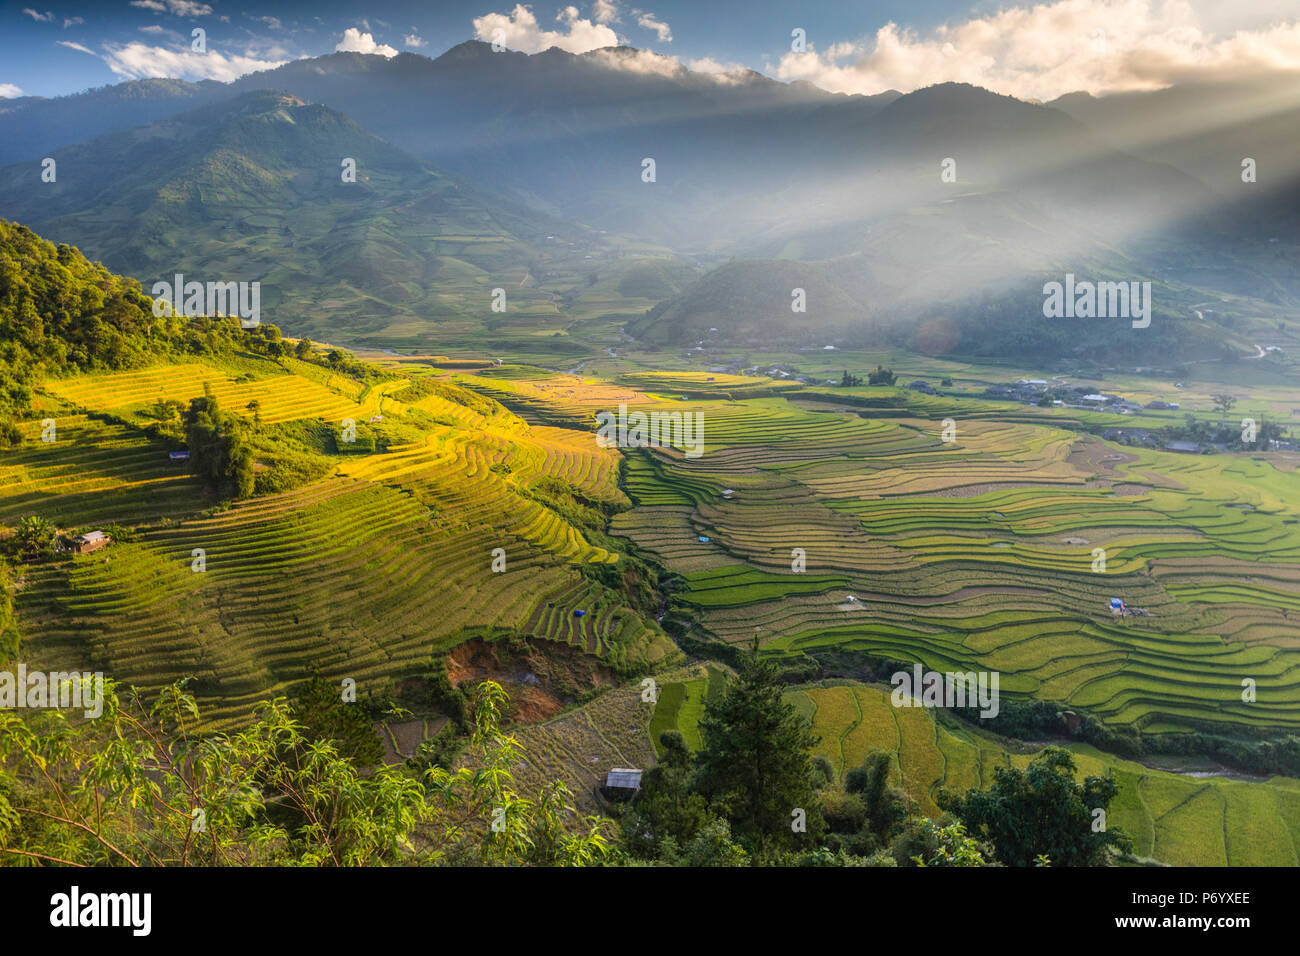 Rayos de sol sobre las montañas que rodean las terrazas de arroz en tu Le, provincia de Yen Bai, Vietnam, Sudeste de Asia Imagen De Stock